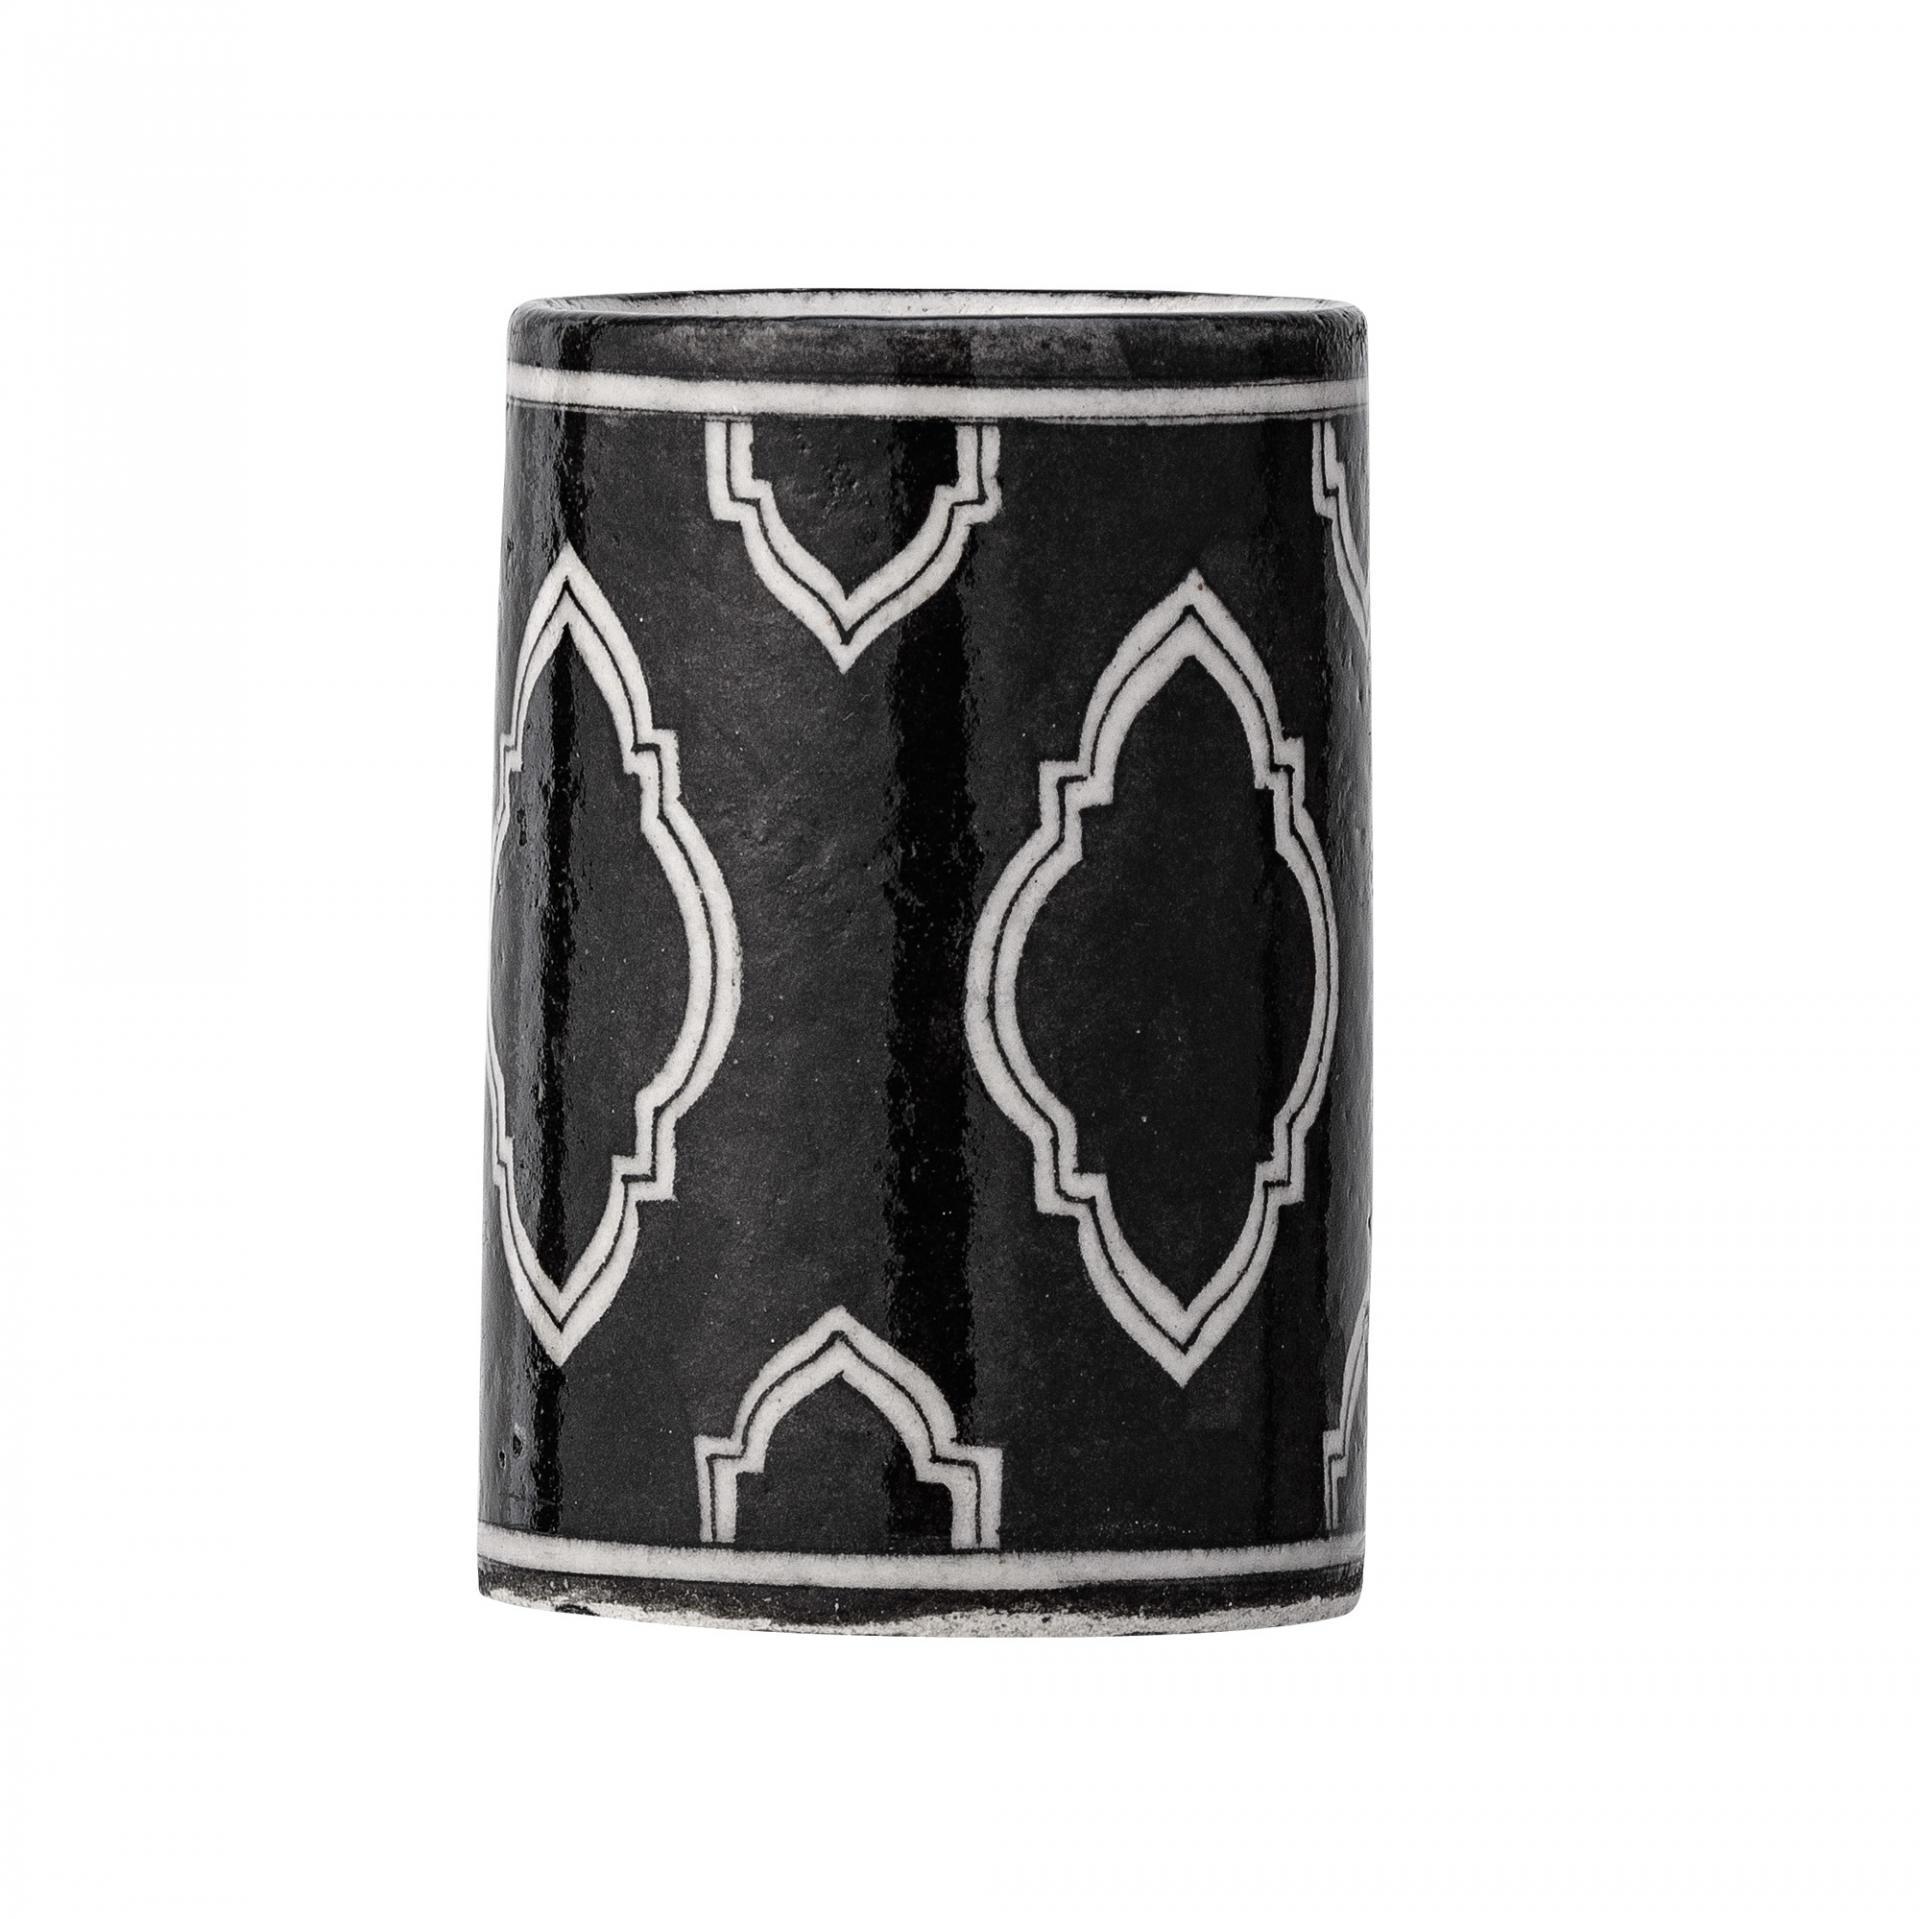 Keramický kelímek na kartáčky Handpainted, černá barva, bílá barva, keramika